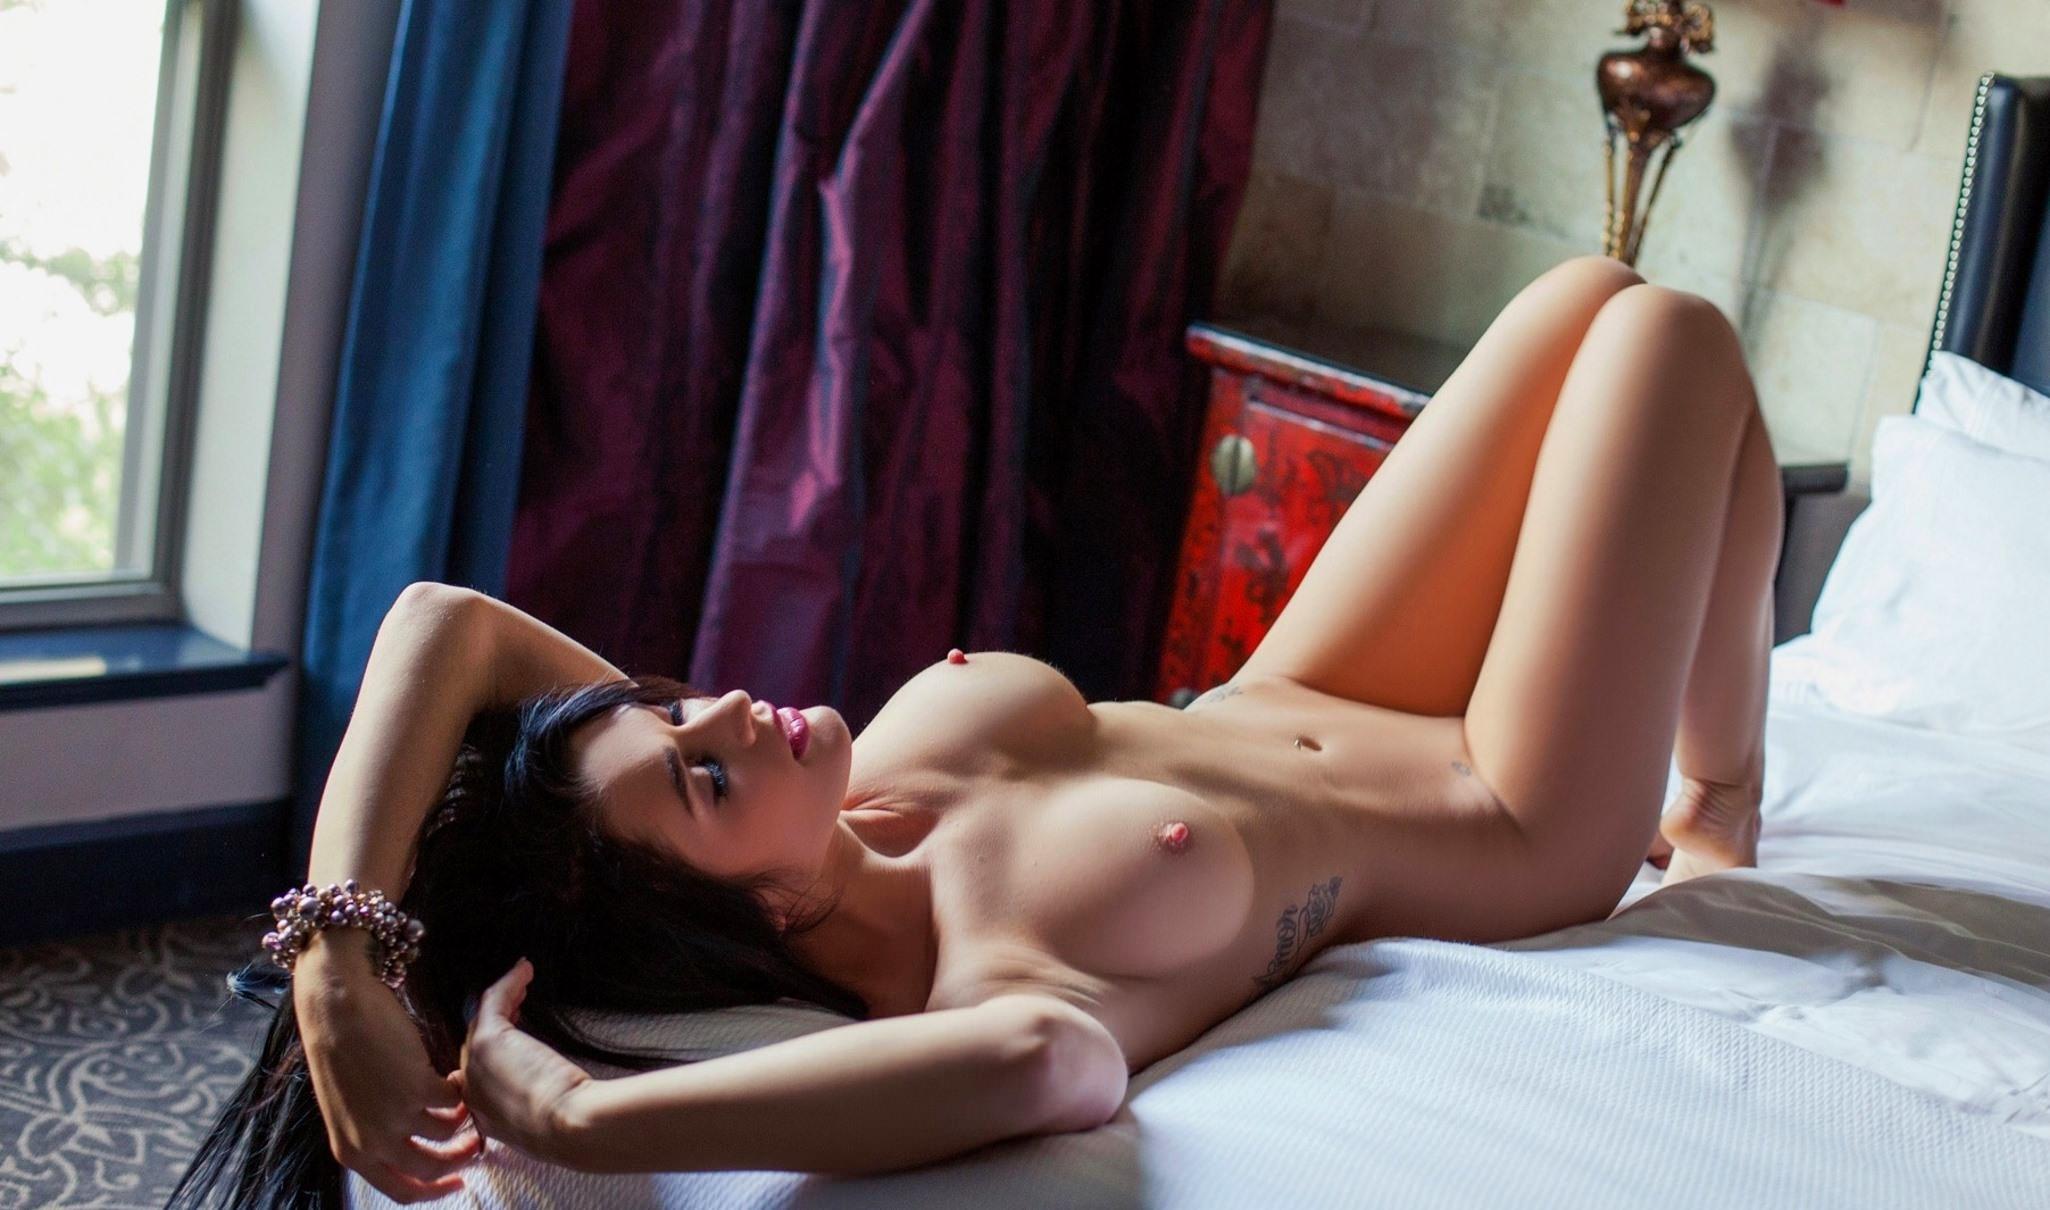 Фото Обнаженная брюнетка в спальне, упругие соски, красивые сиськи, браслет, тату на боку, скачать картинку бесплатно